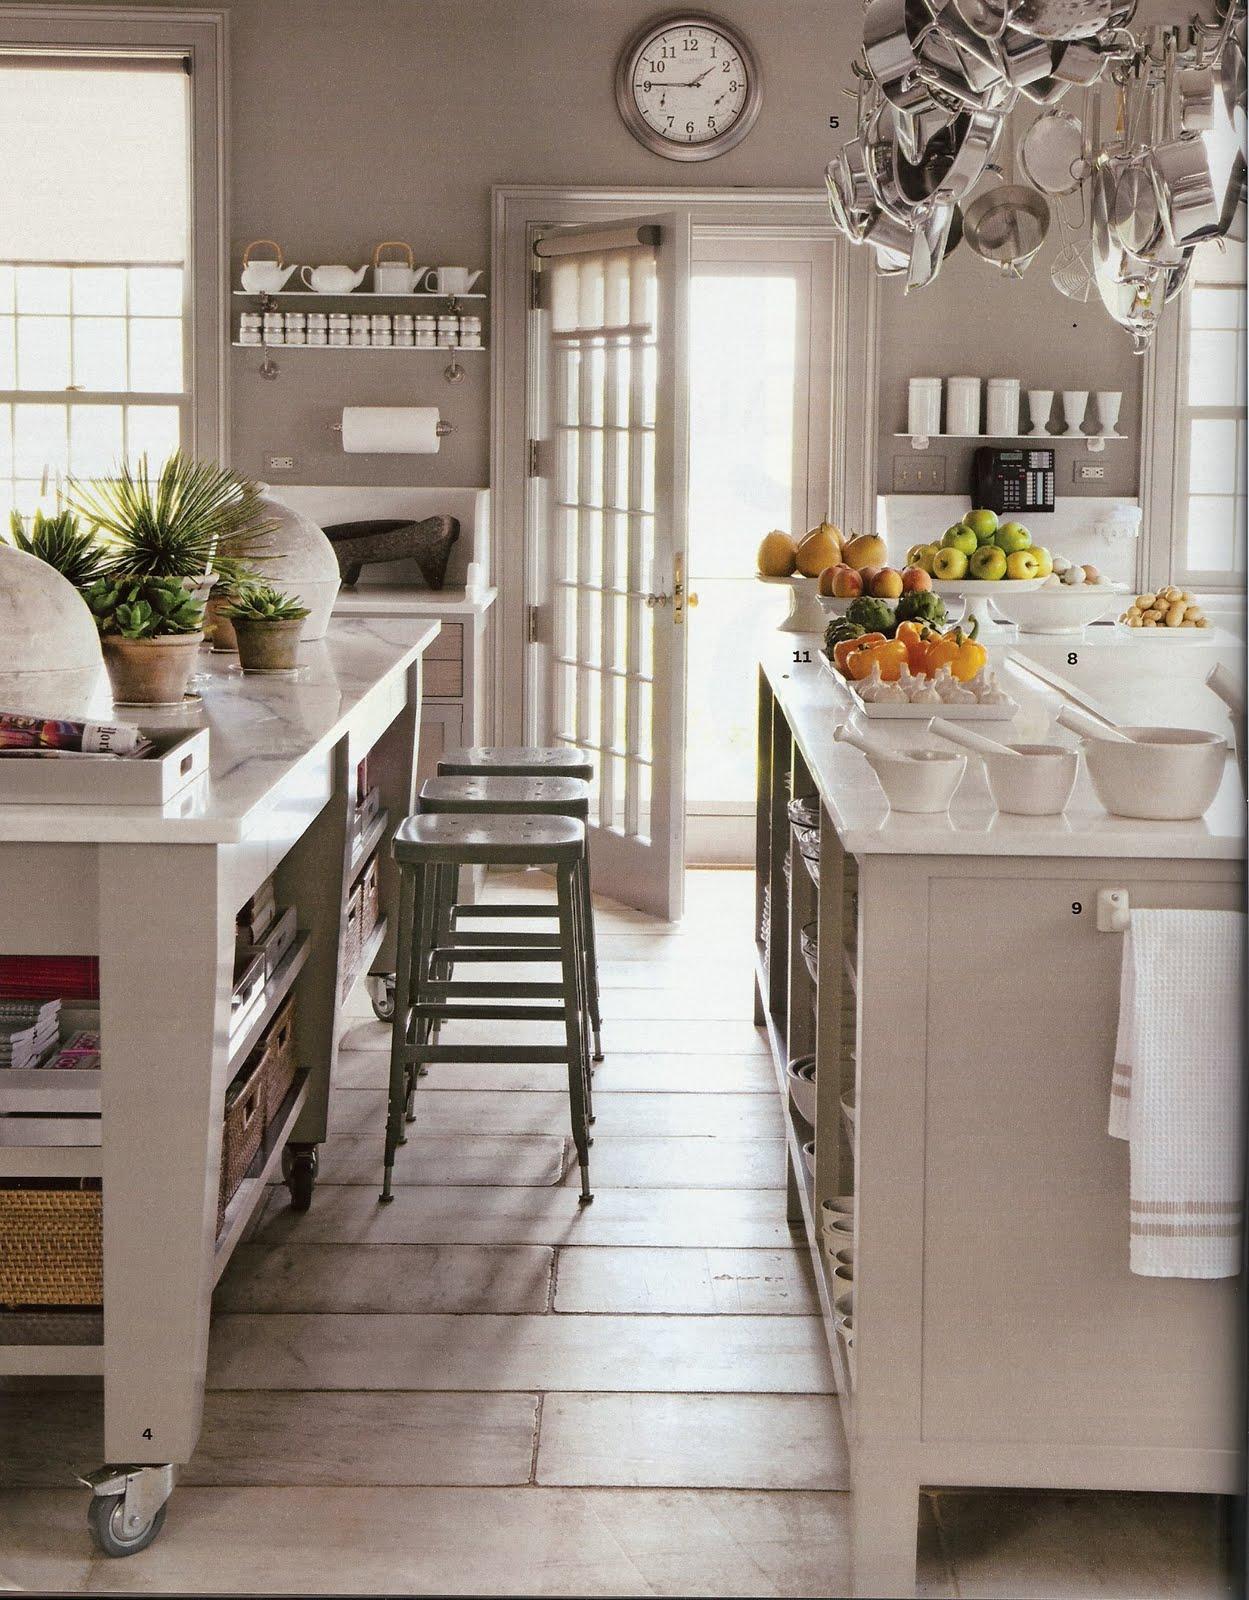 white kitchen cabinets martha stewart martha stewart kitchen cabinets Create